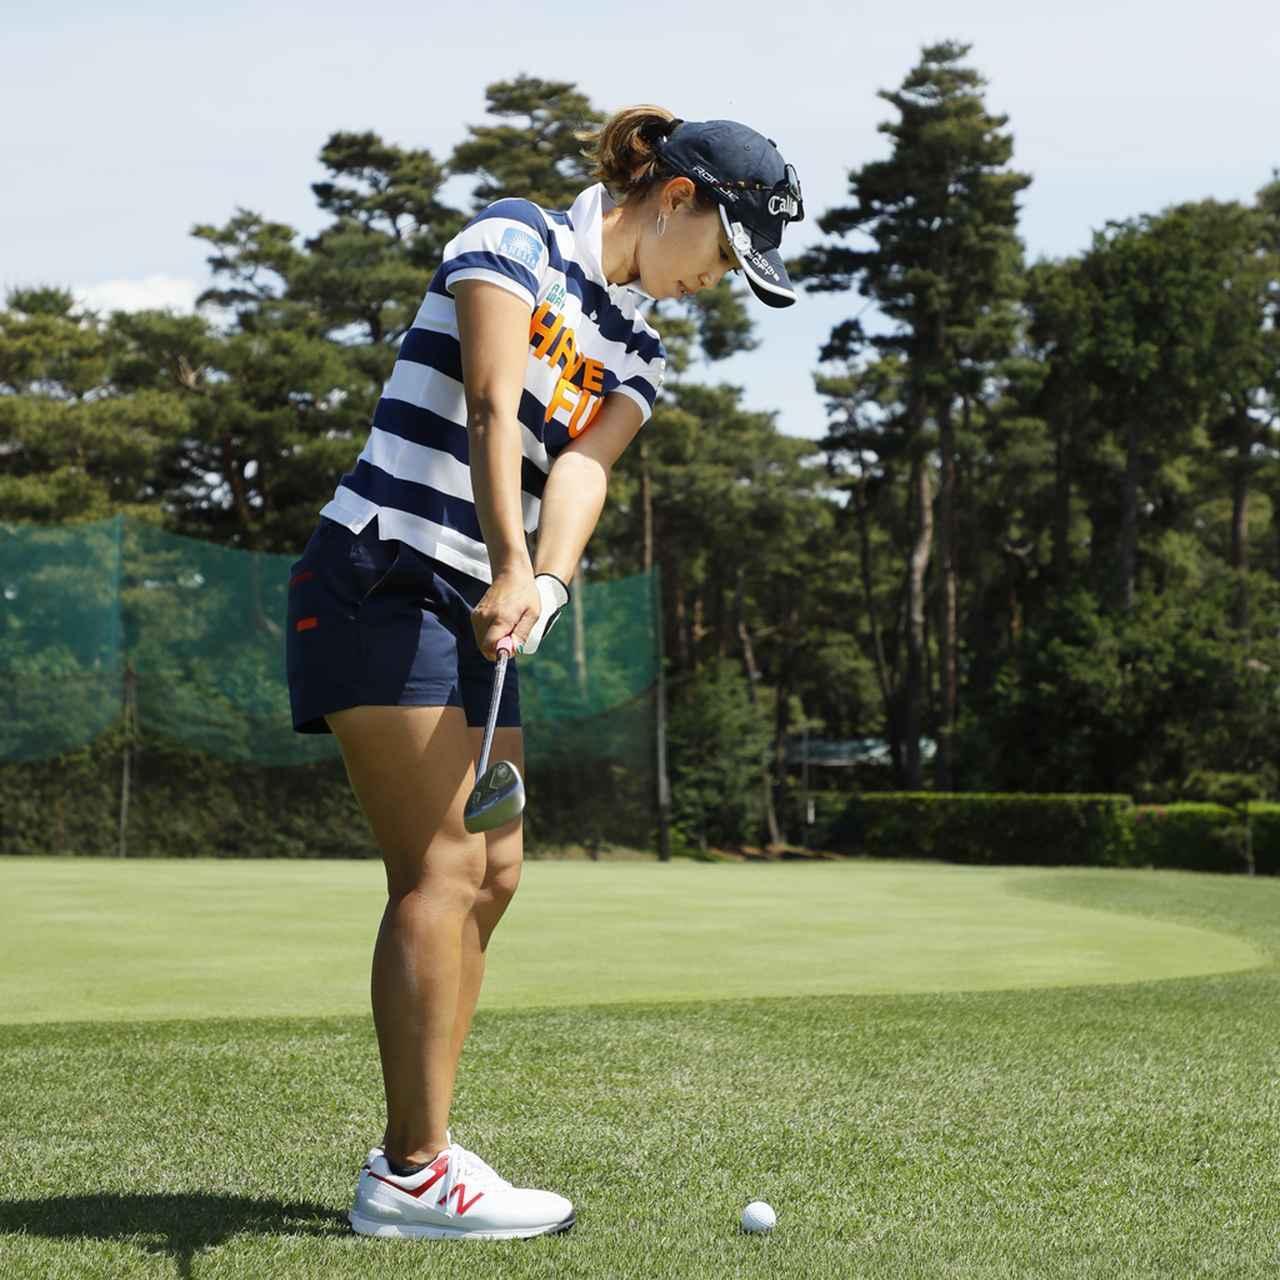 画像2: 【アプローチ】ボールの近くに立てば、ヘッドは同じところを通ります。上田桃子のタテ振りチップ!